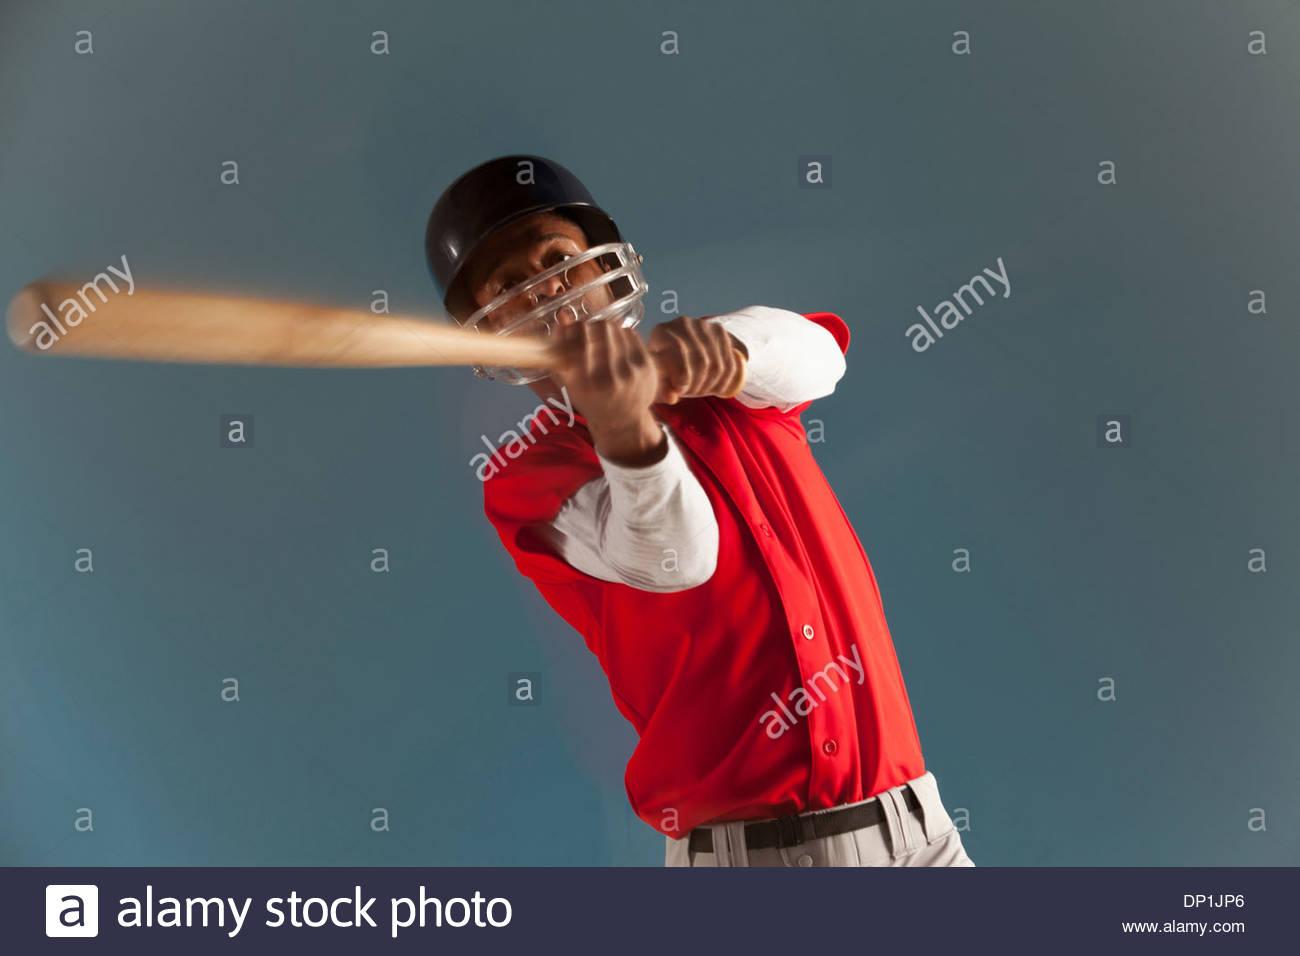 Vista offuscata del giocatore di baseball bat oscillante Immagini Stock